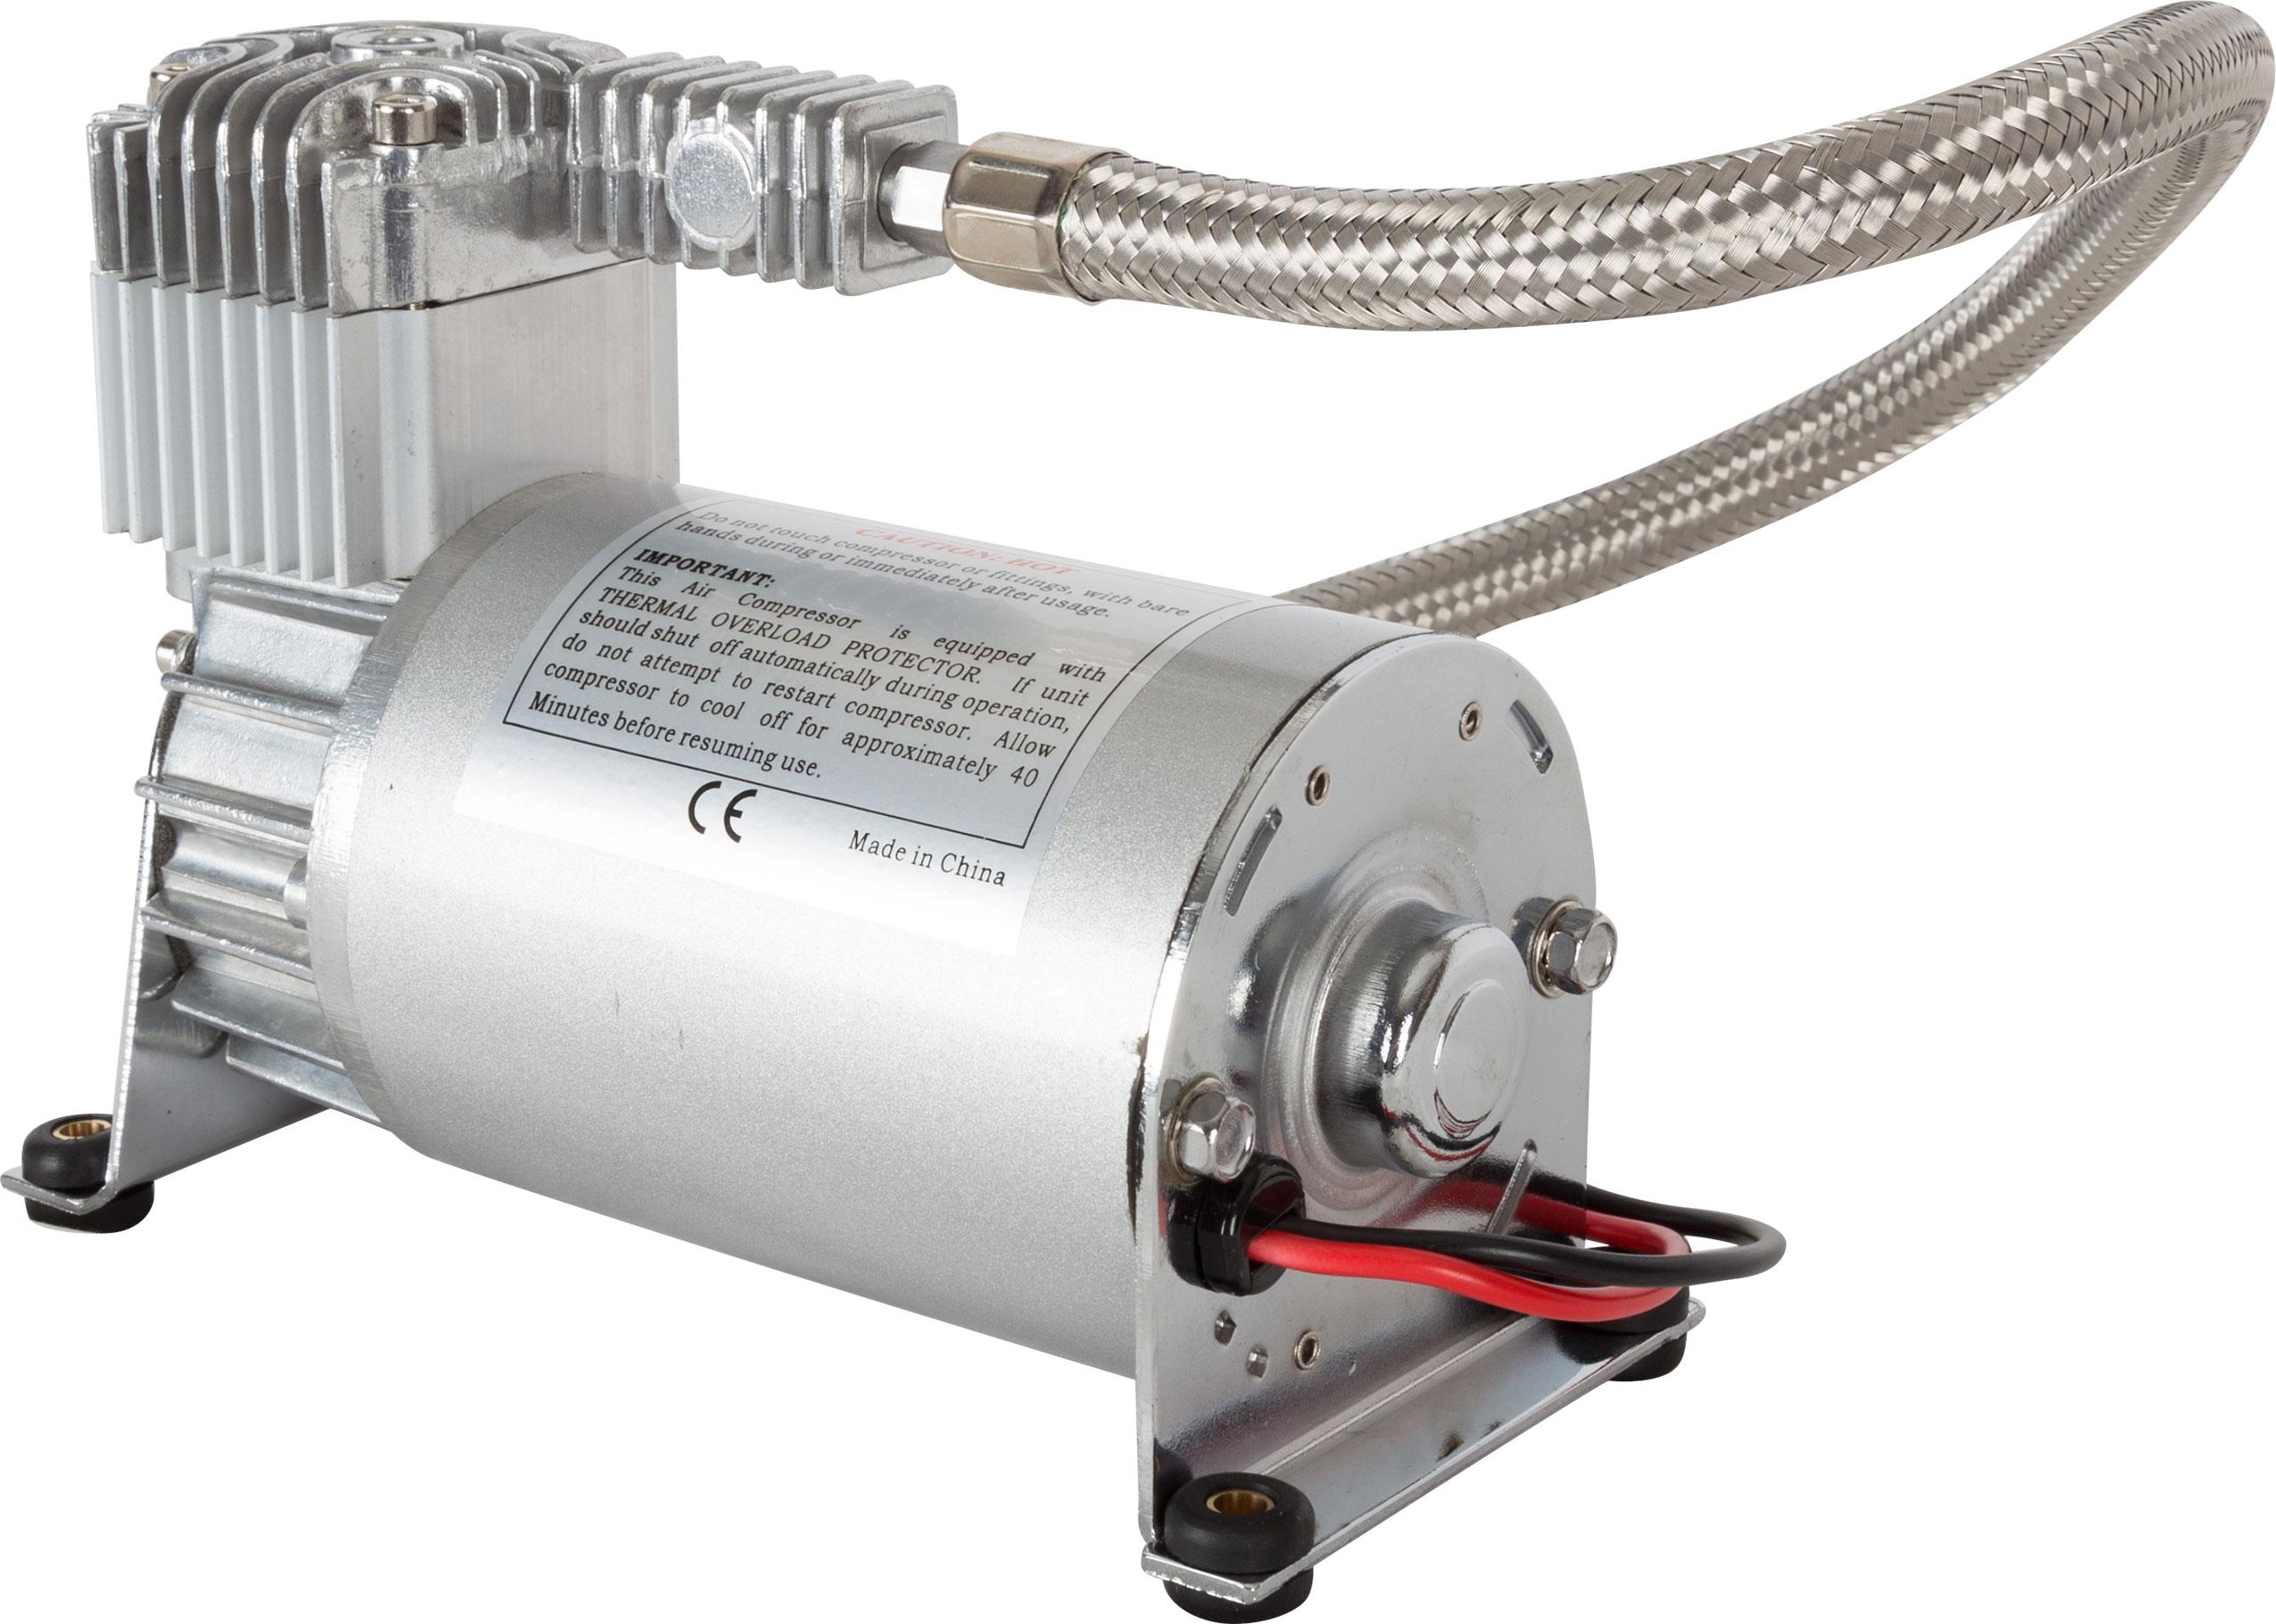 viair wiring diagram viair image wiring diagram viair 40 amp relay wiring diagram viair auto wiring diagram on viair wiring diagram